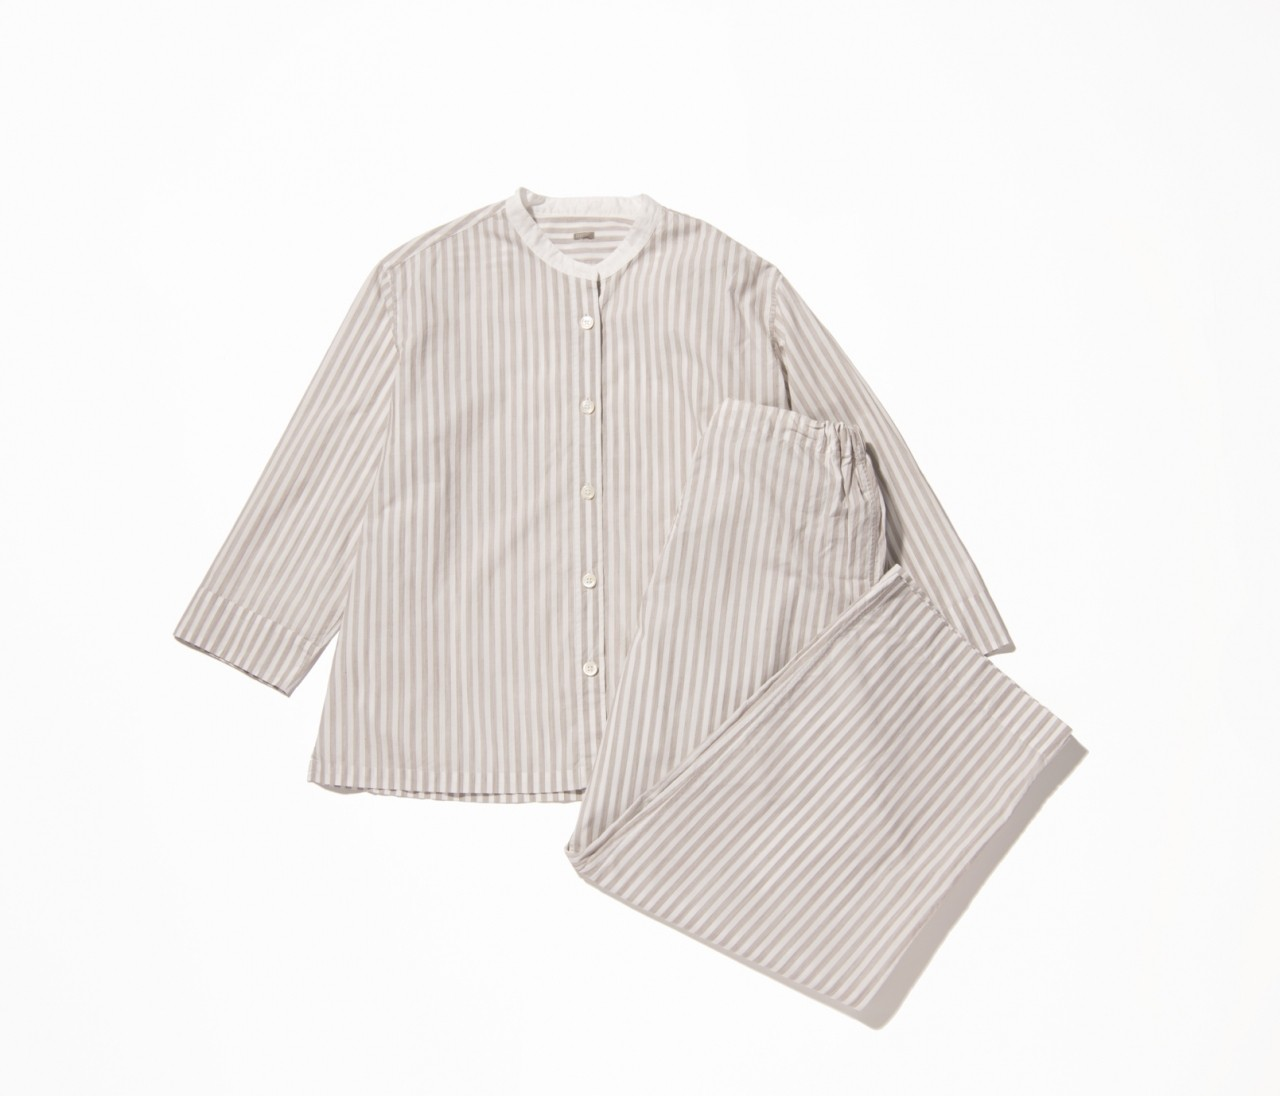 上質な眠りのためのパジャマ【30代からの名品・愛されブランドのタイムレスピース Vol.34】